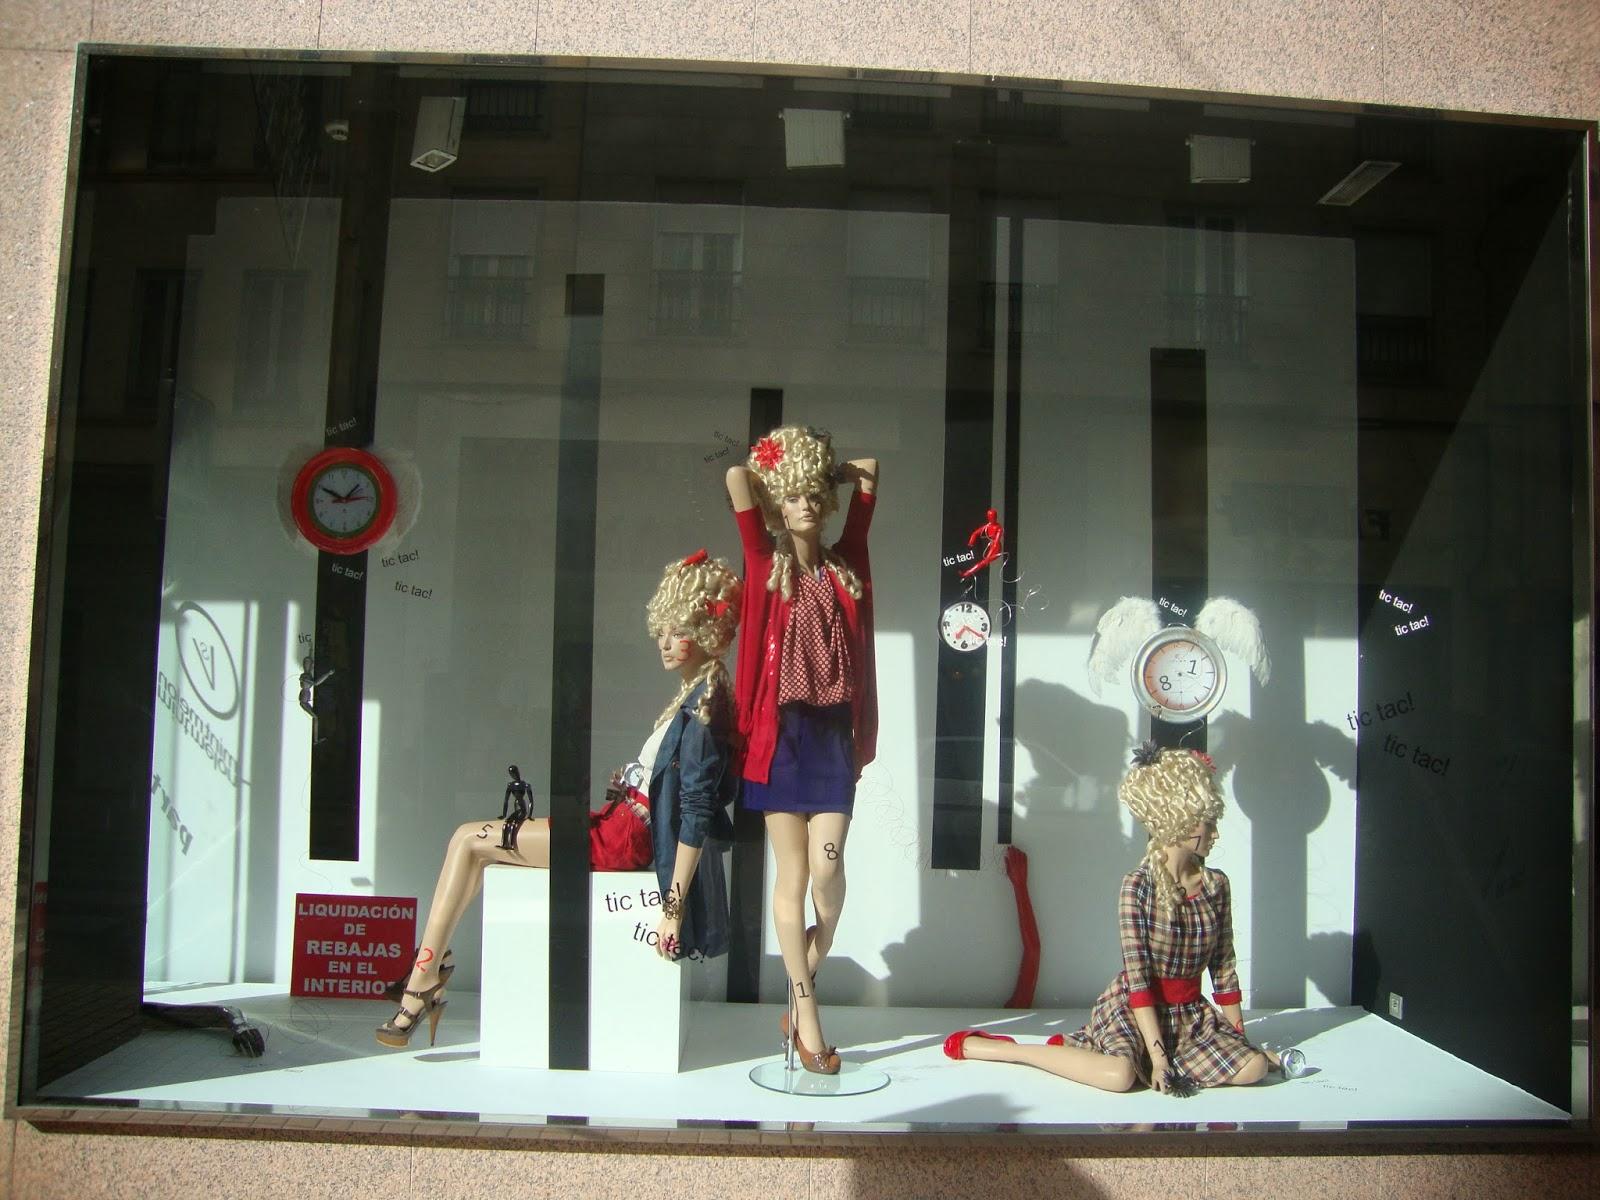 Tipos de escaparates en tiendas escaparates e interiores - Ideas para escaparates pequenos ...